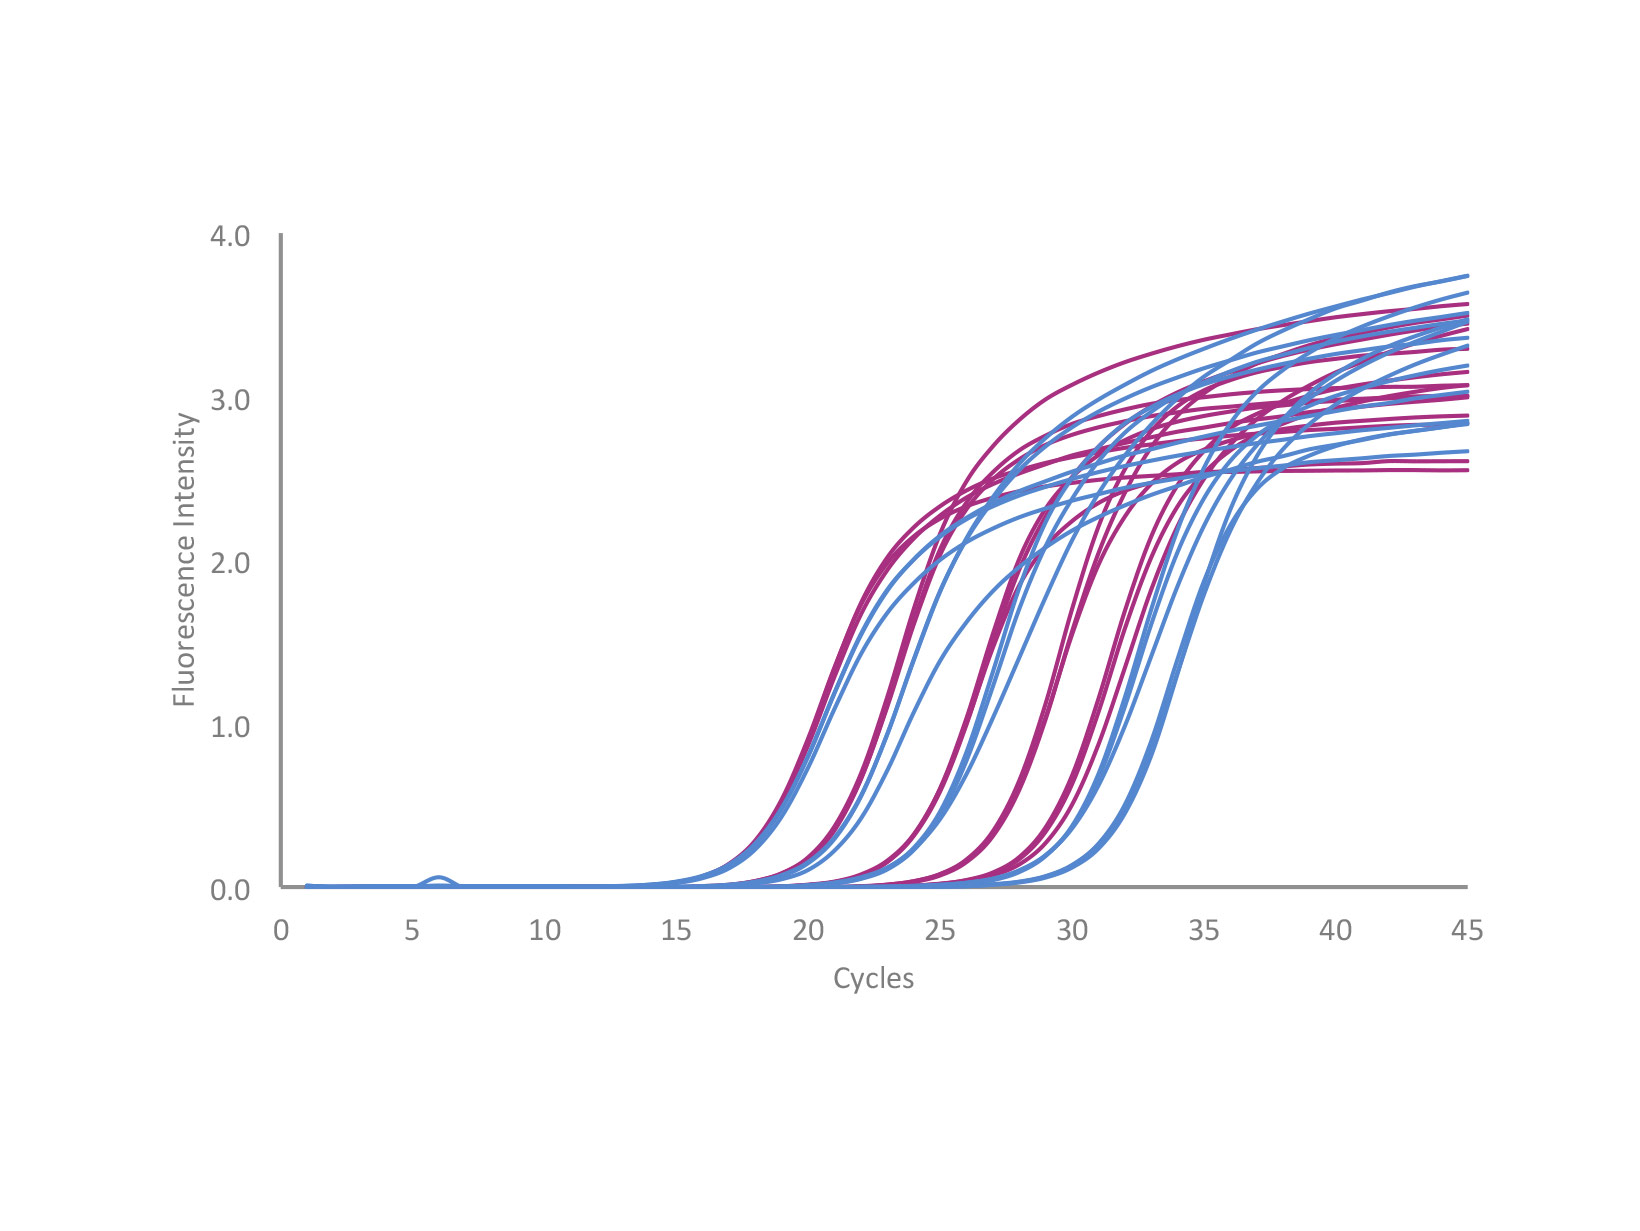 Comparison of qPCRBIO SyGreen 1-Step Go versus competitor Bioline